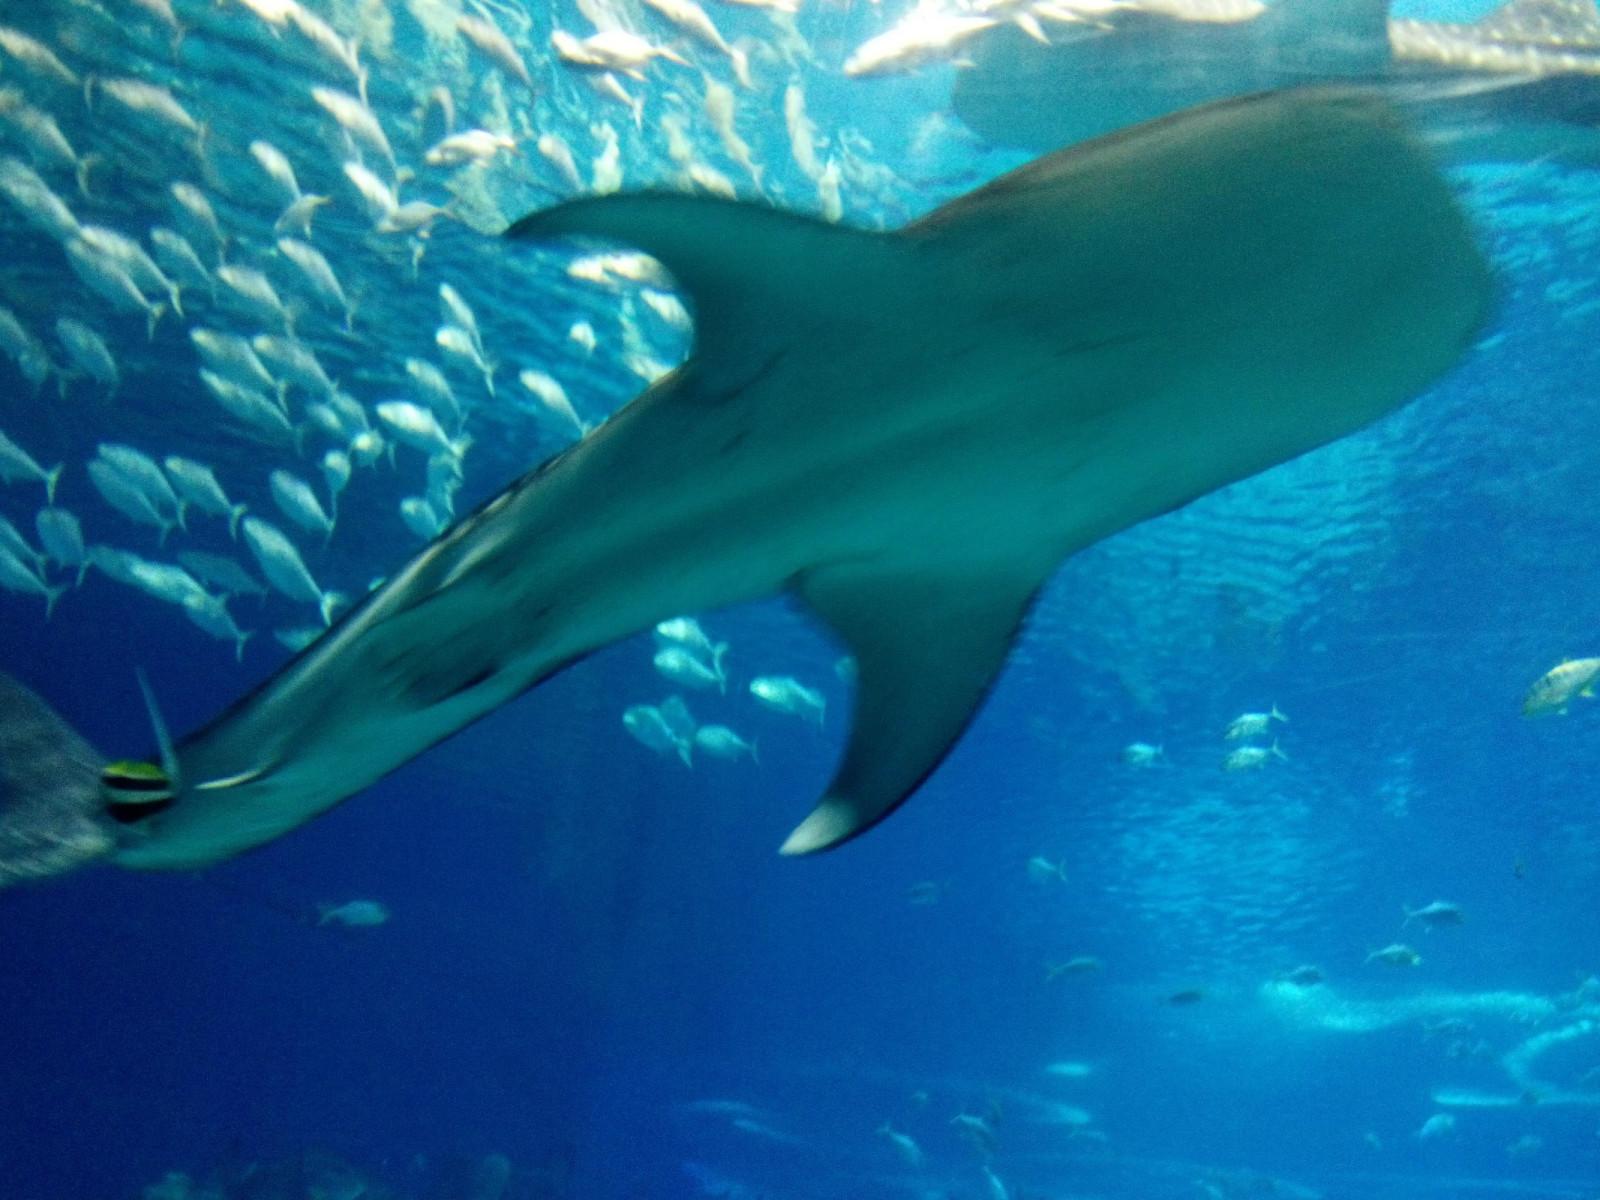 壁纸 动物 海底 海底世界 海洋动物 海洋馆 鲸鱼 水族馆 桌面 1600